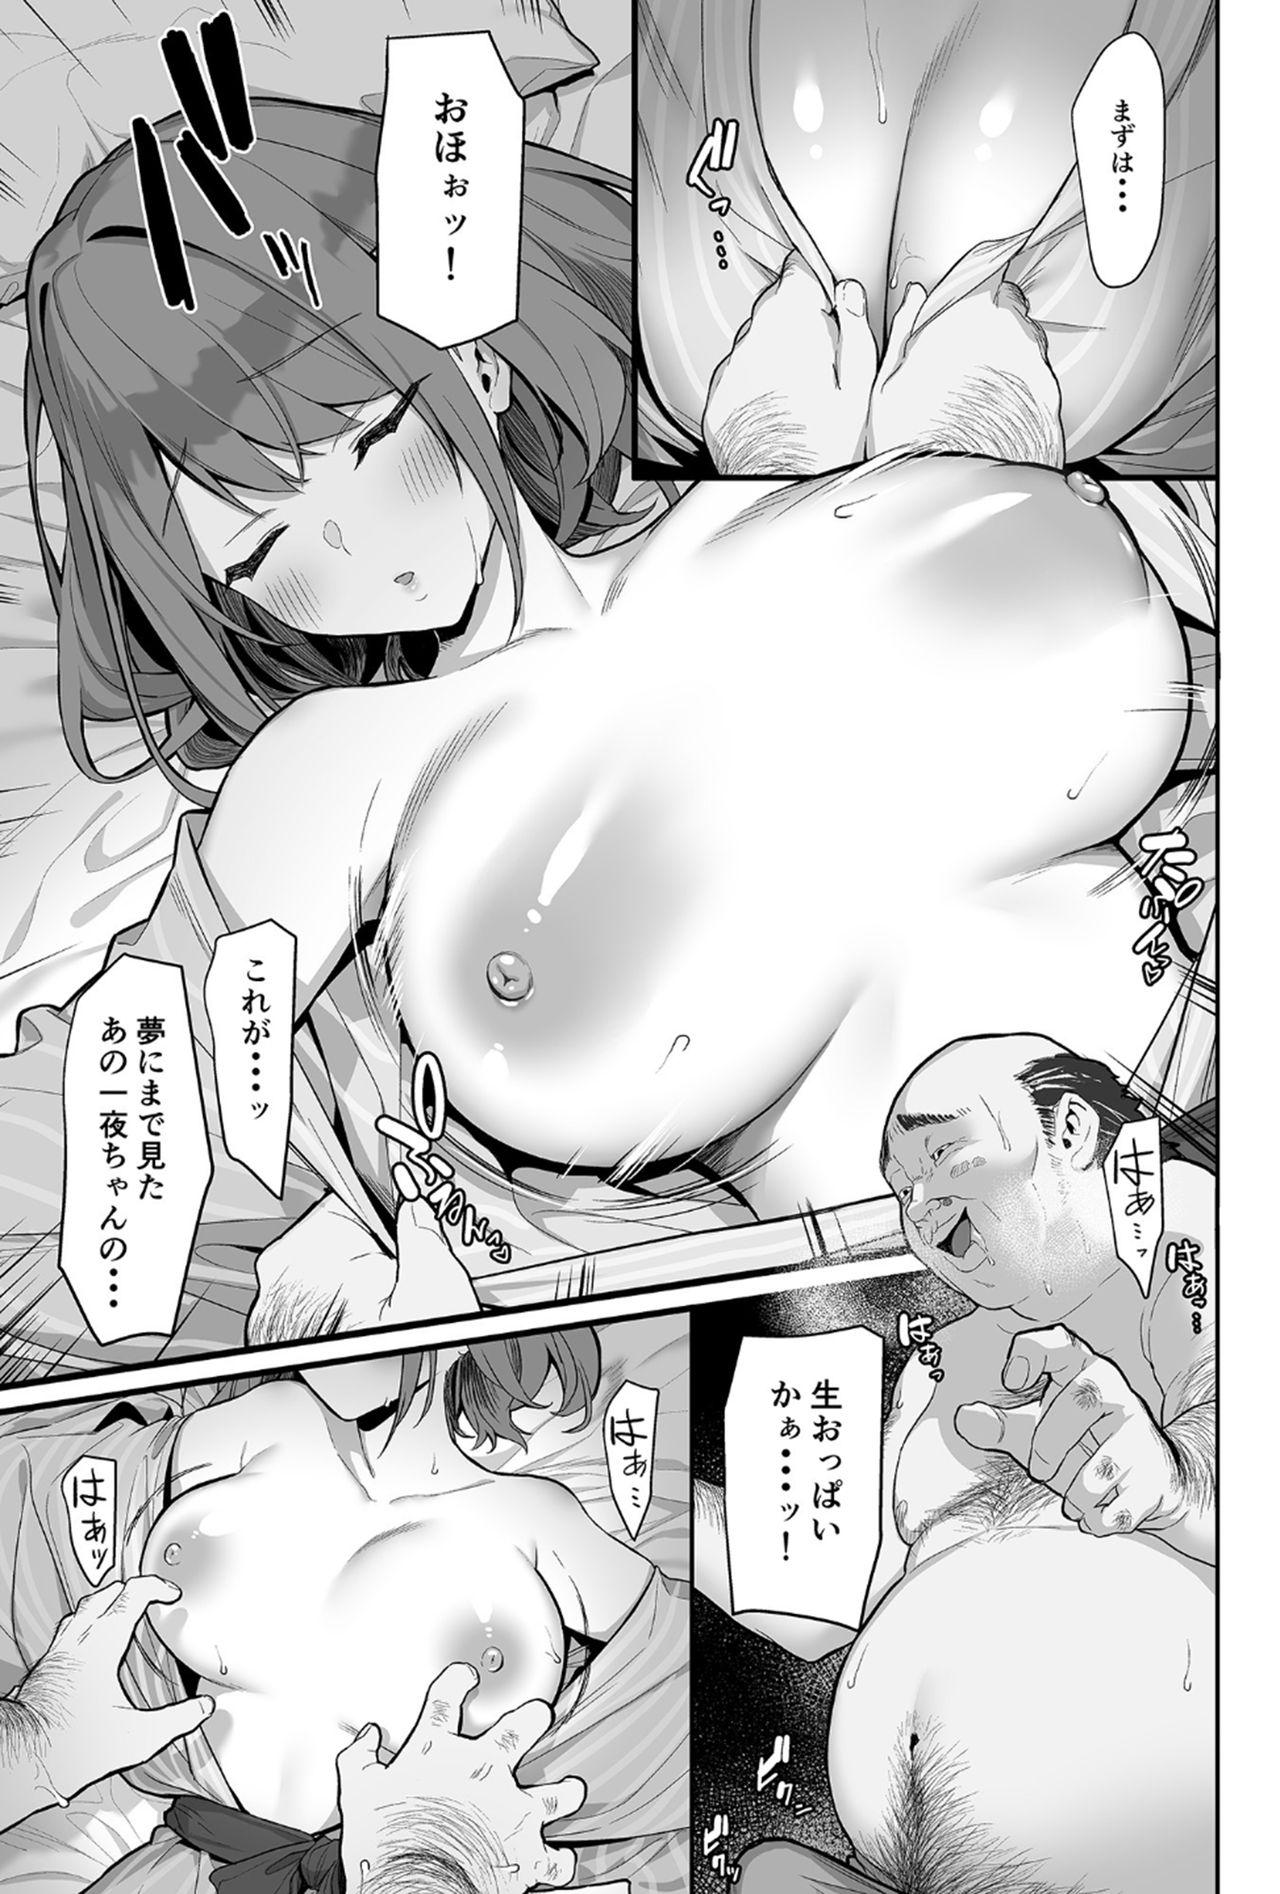 Hitoyo-chan no Junan 2 7